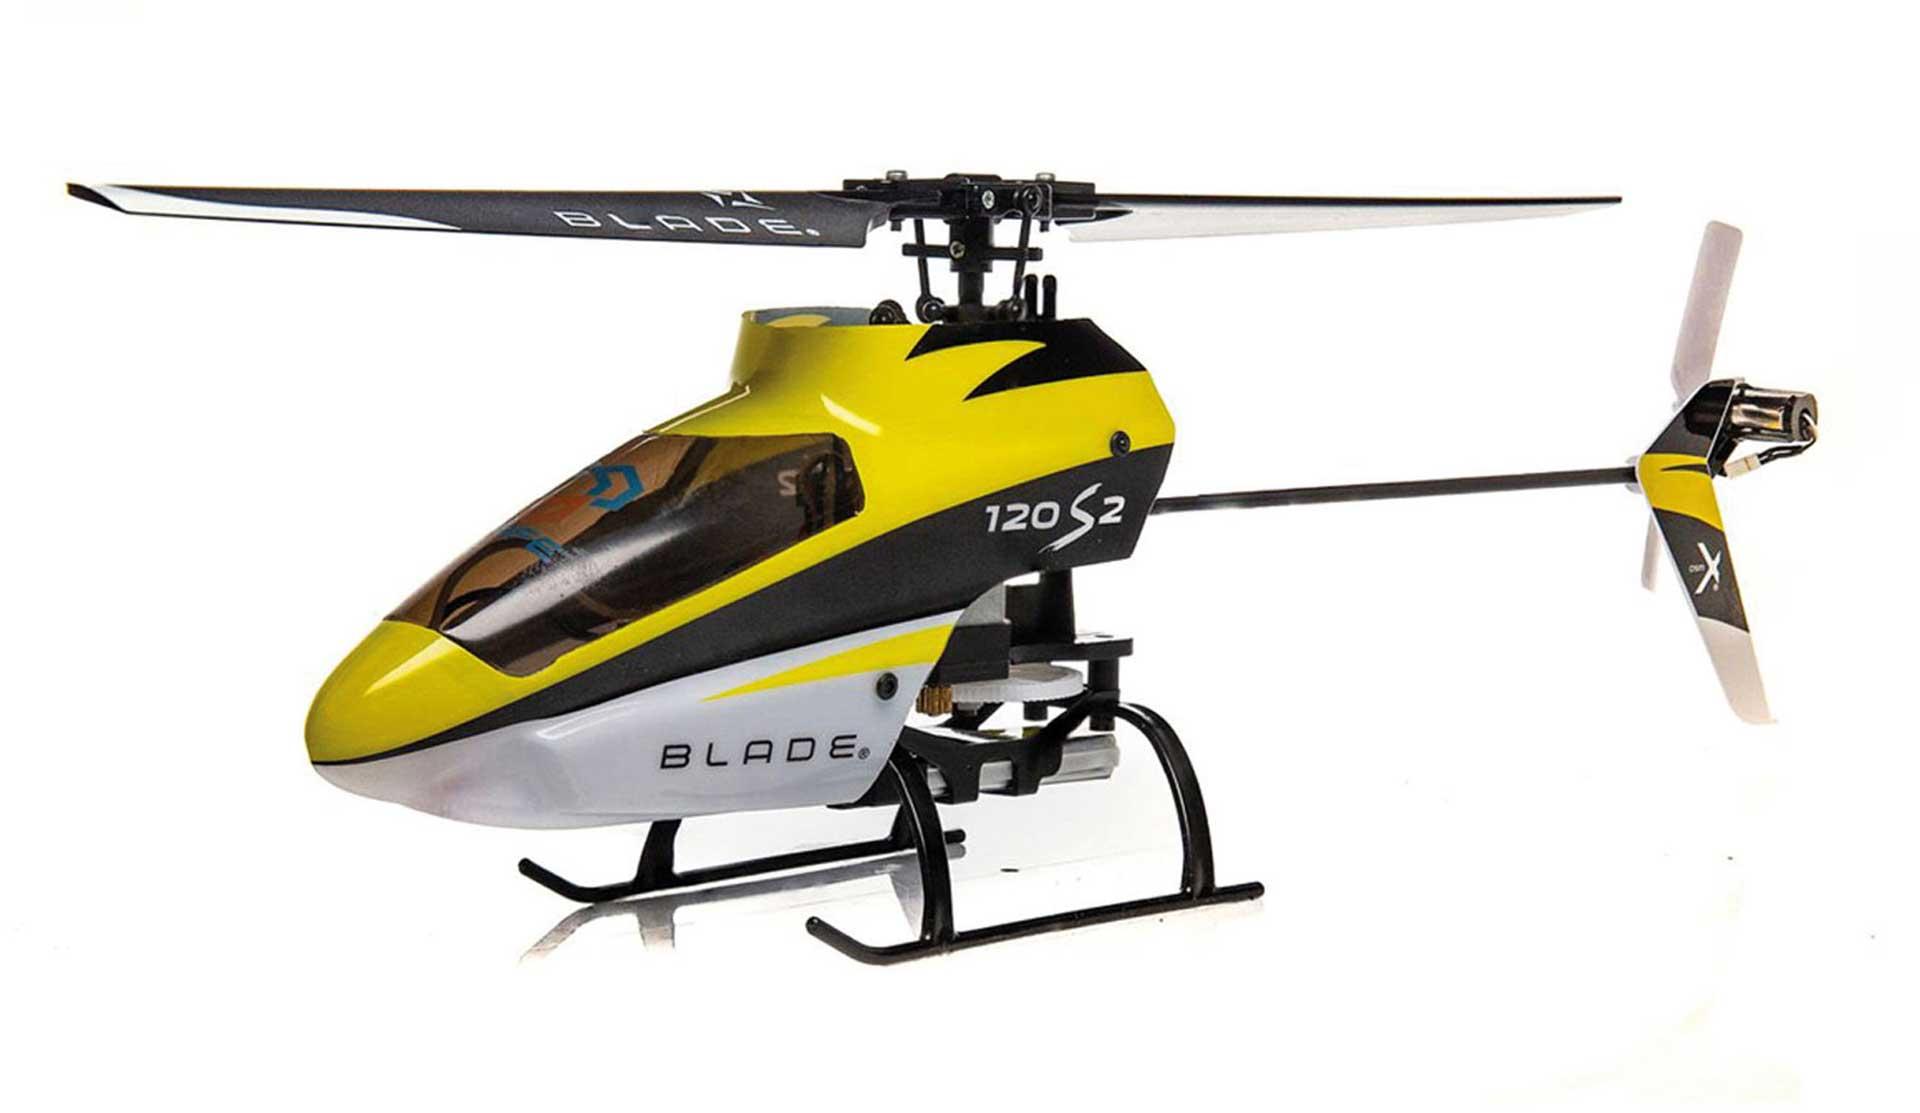 BLADE 120 S2 BNF Hubschrauber / Helikopter